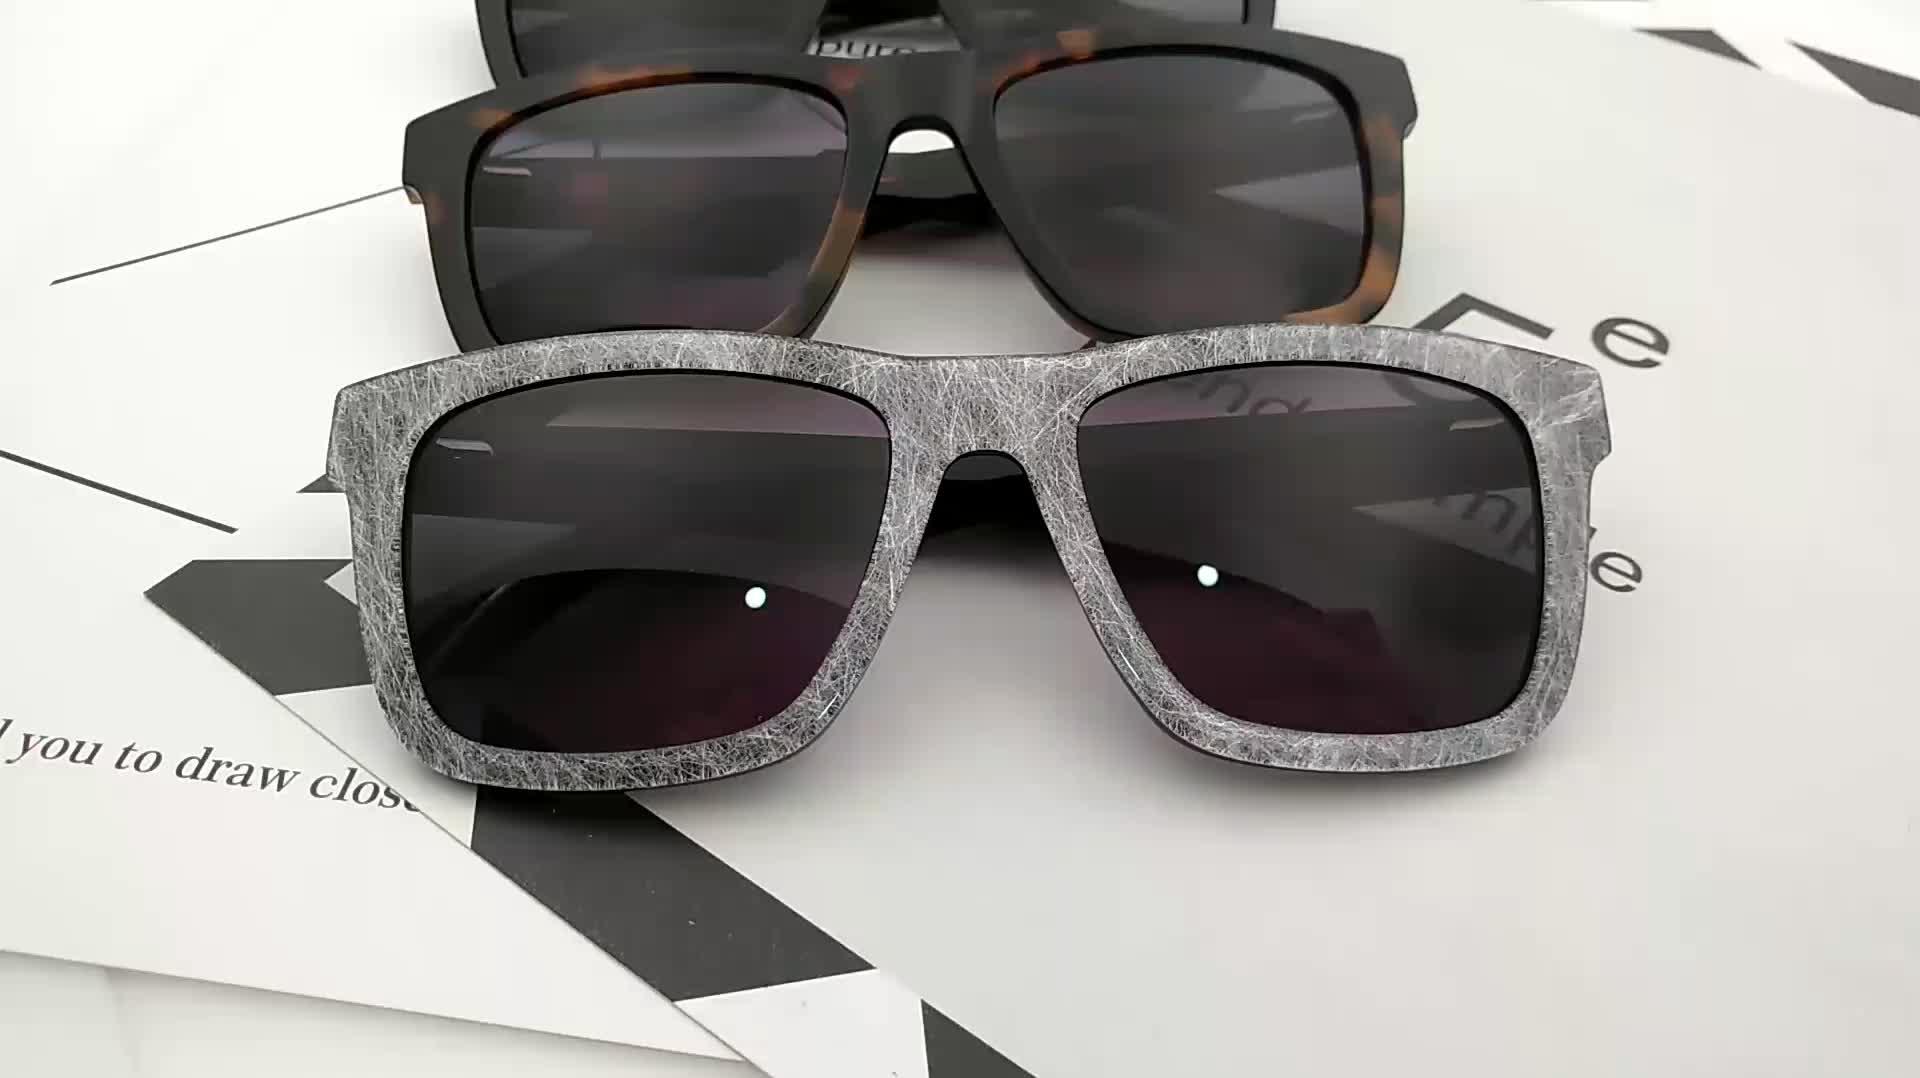 맞춤형 편광 아세테이트 고품질 선글라스